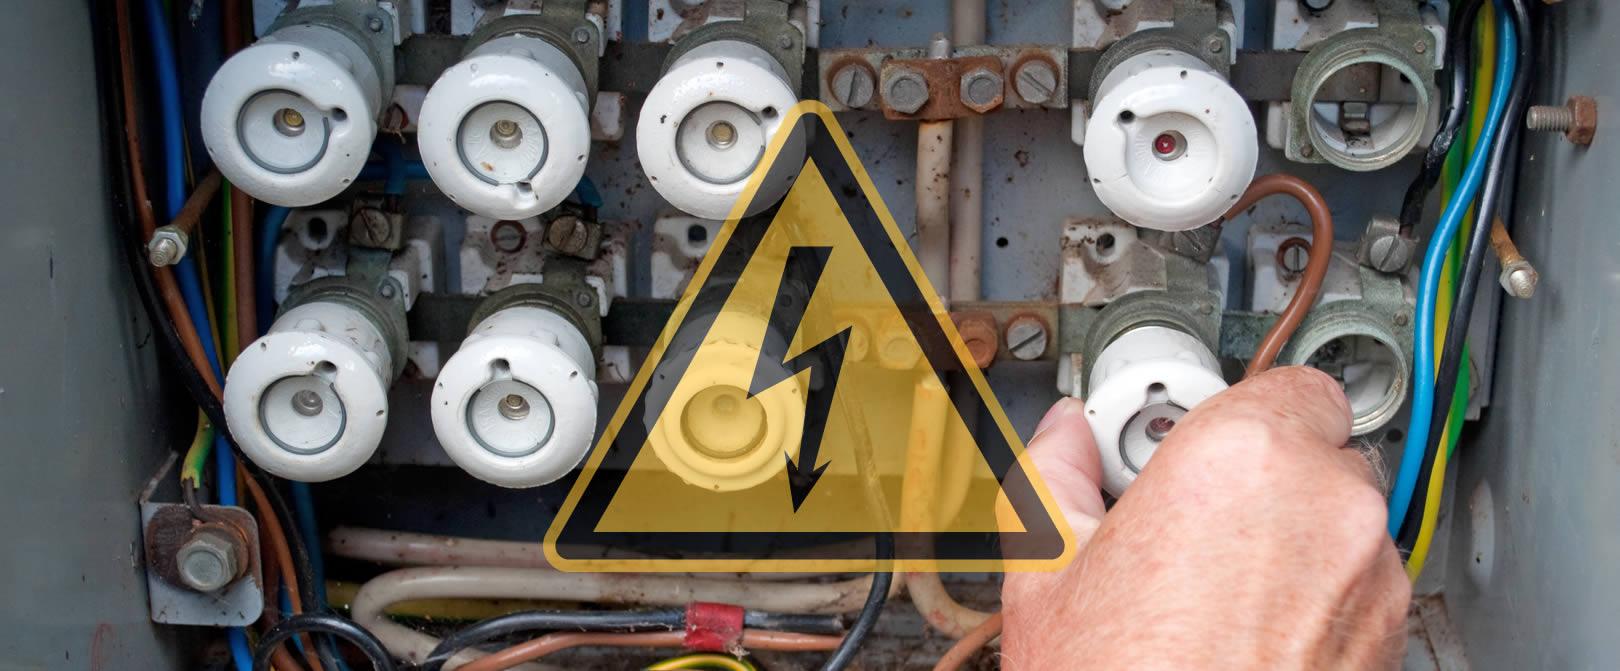 probleme_mit_elektroverkabelung-verteilung-sicherungskasten-datenrettung-nach-ueberspannung-spannungsschaden